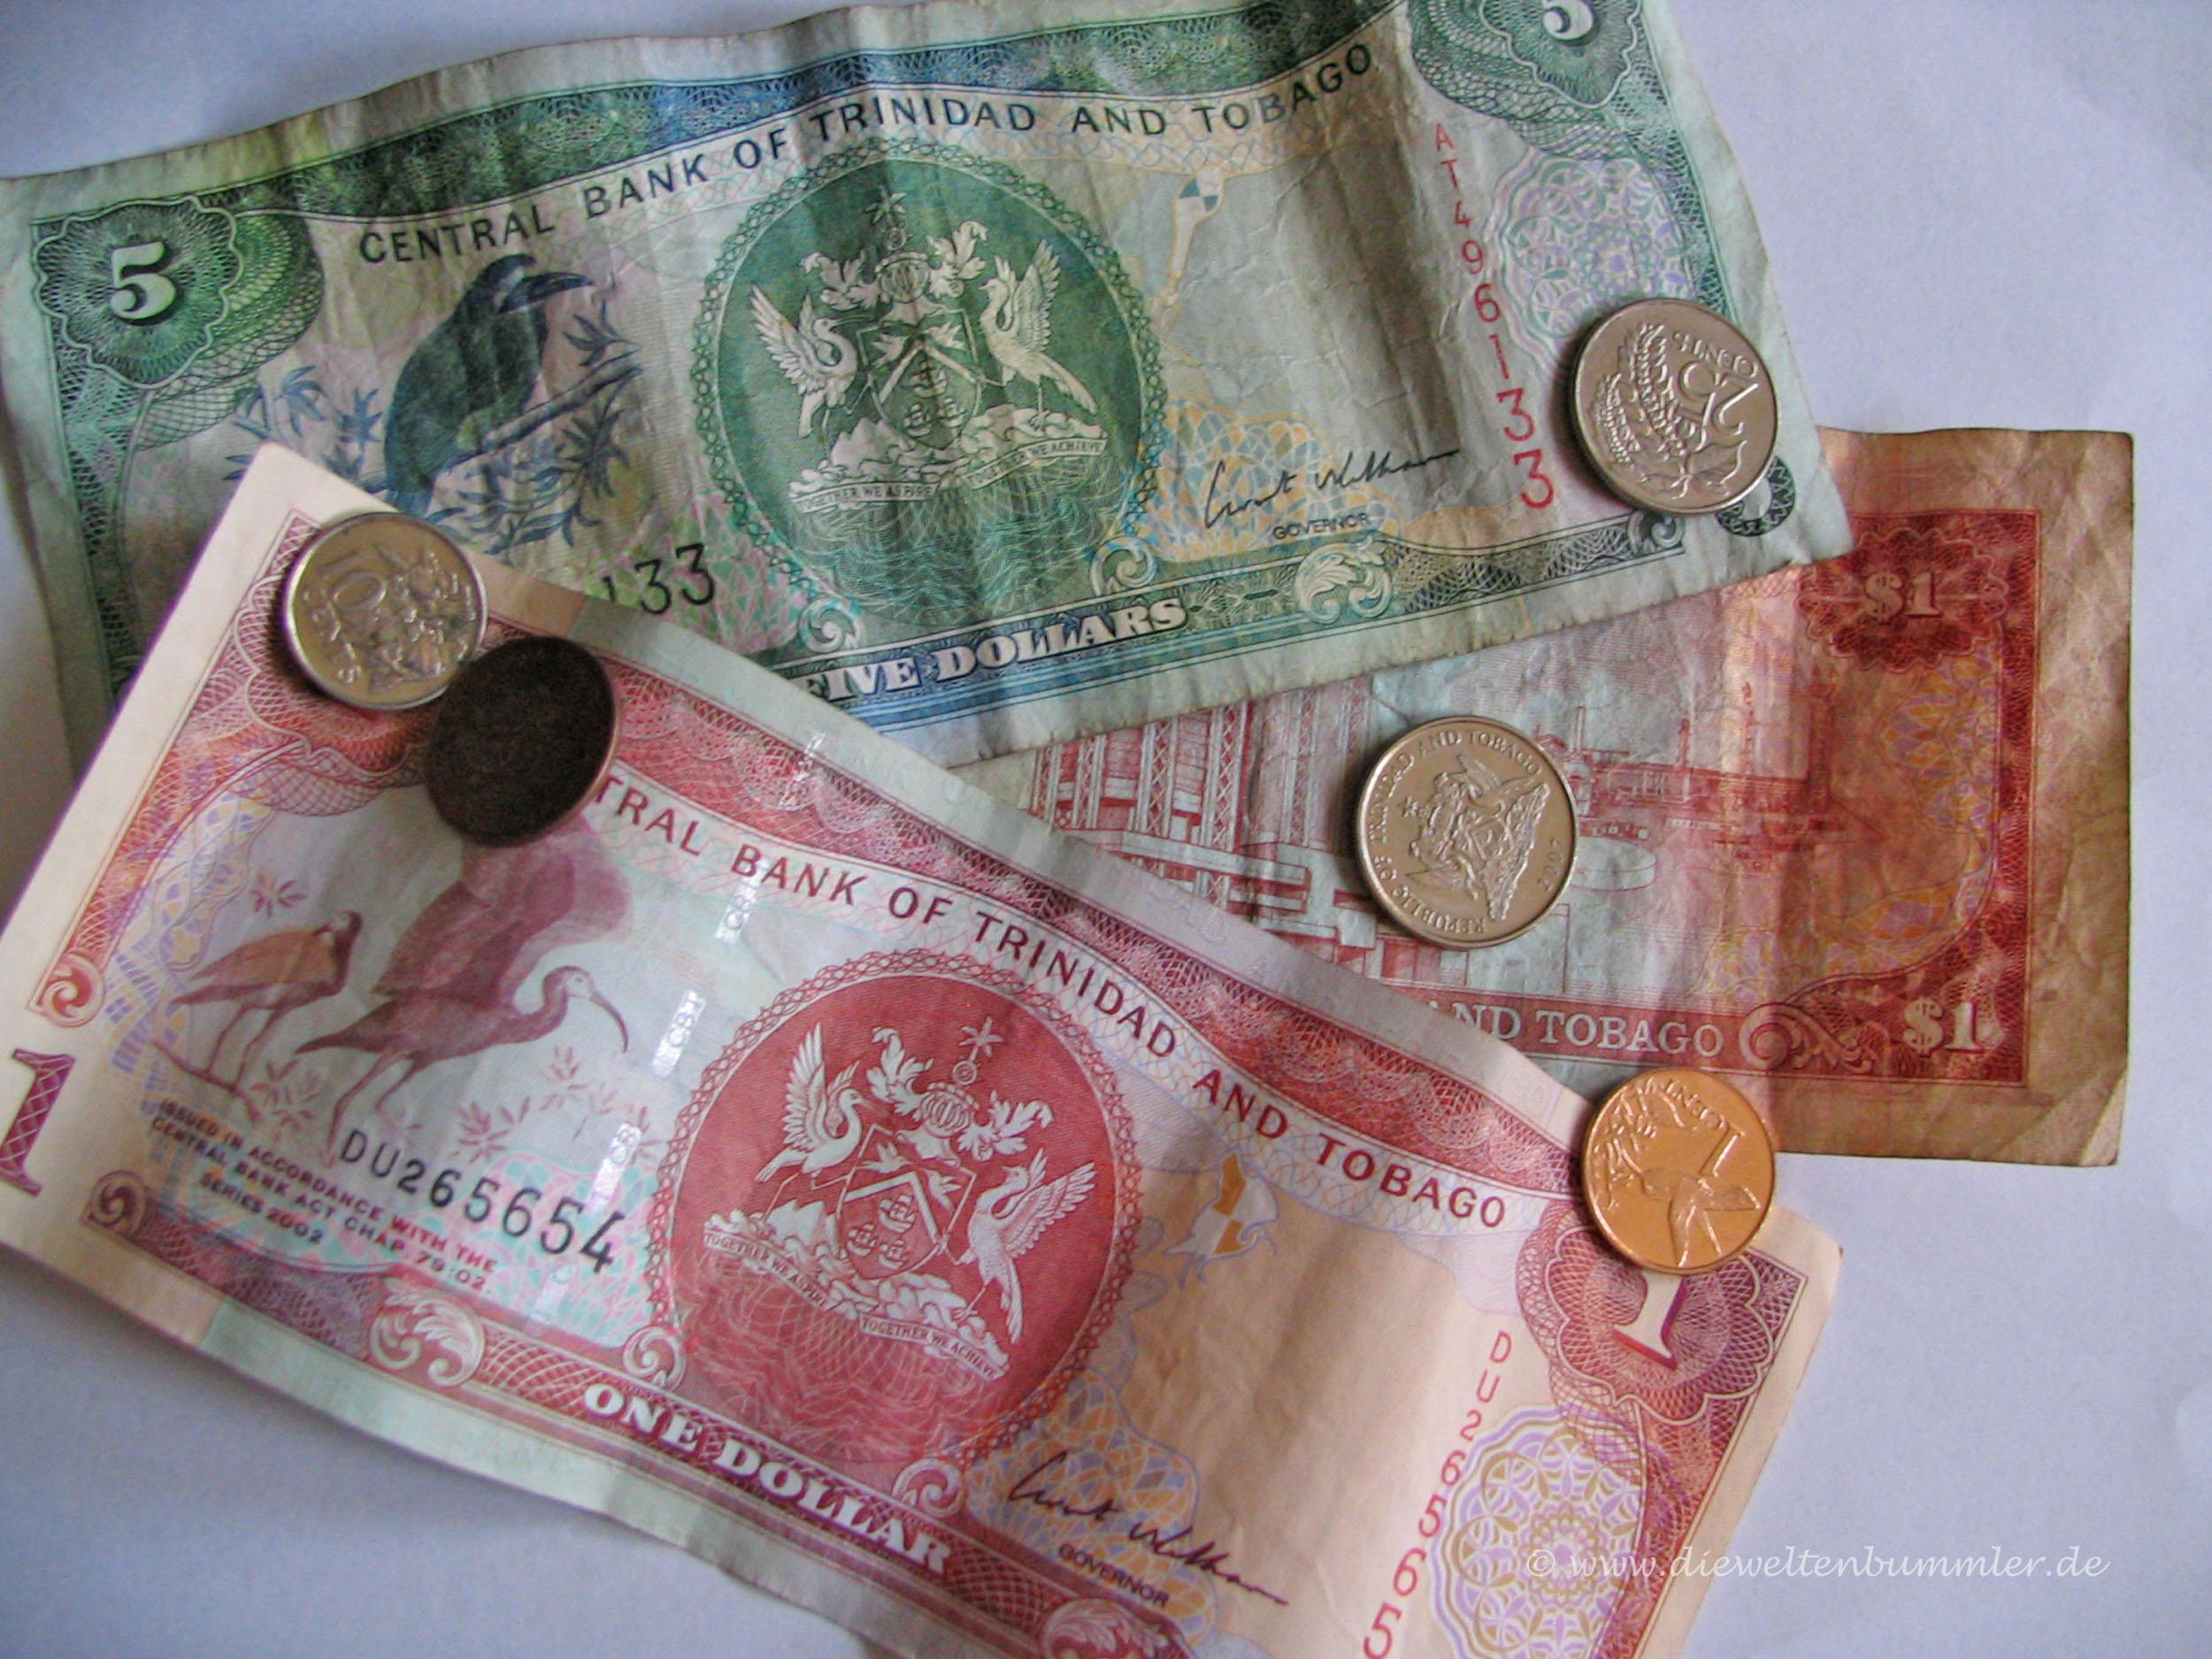 Banknoten von Trinidad und Tobago